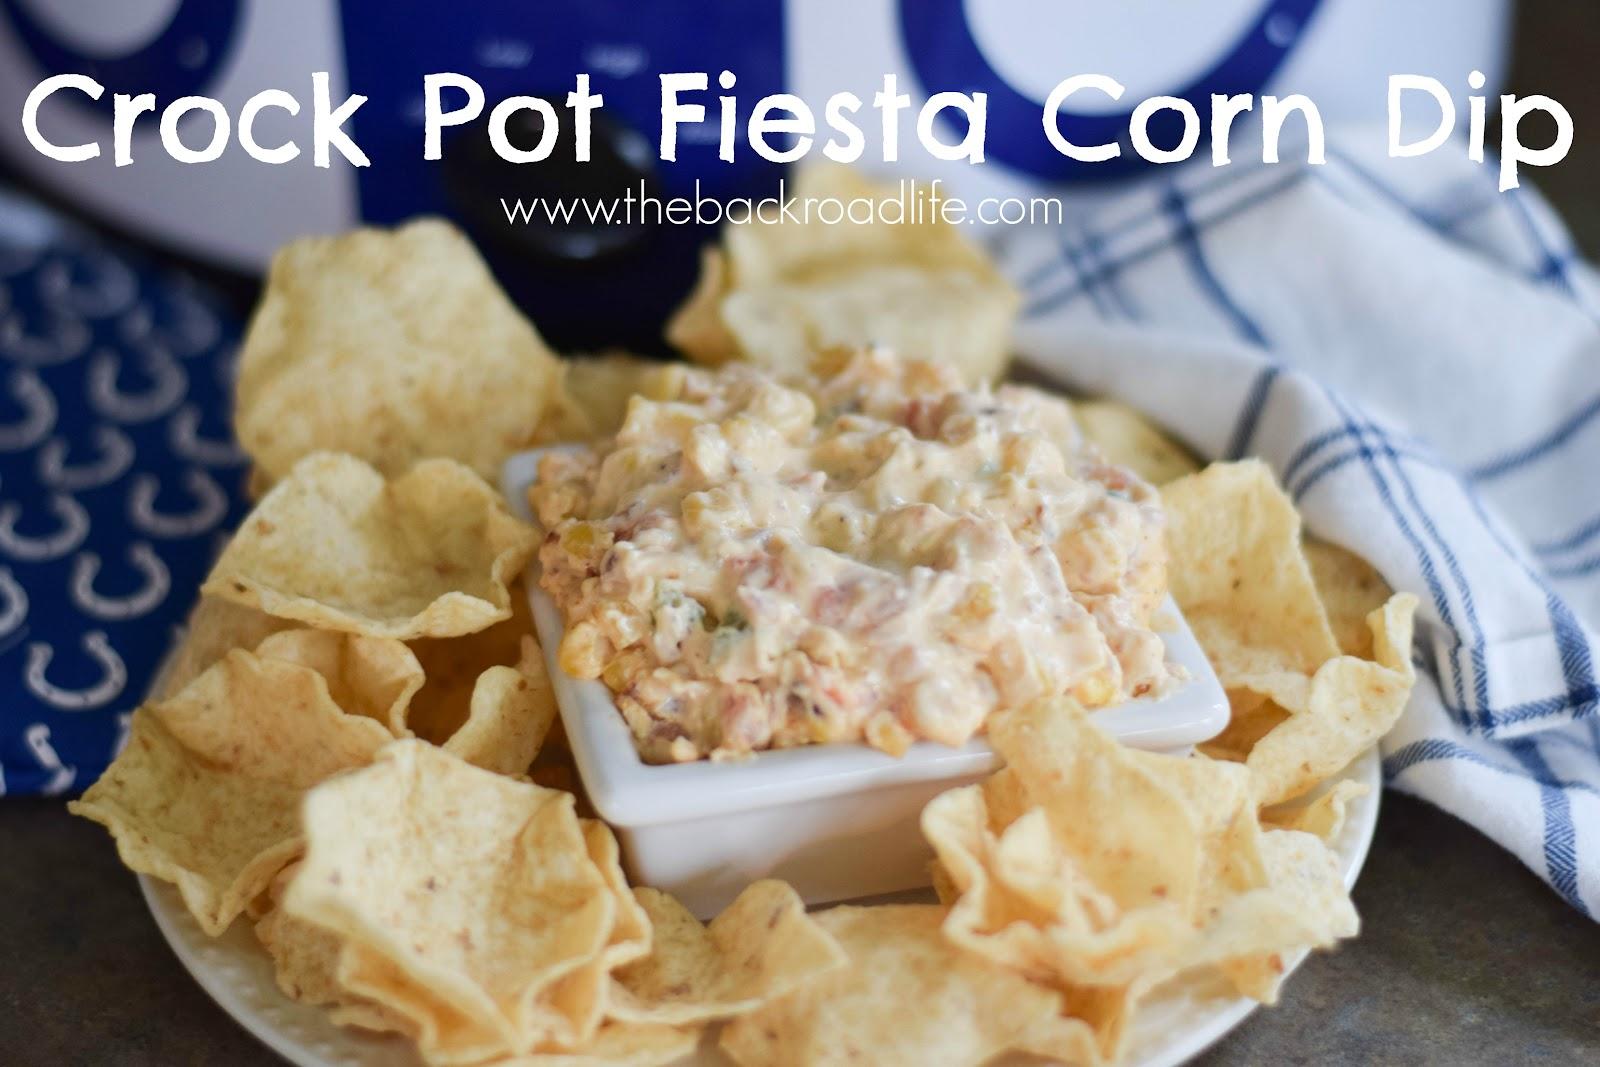 crock pot fiesta corn dip 1.jpg